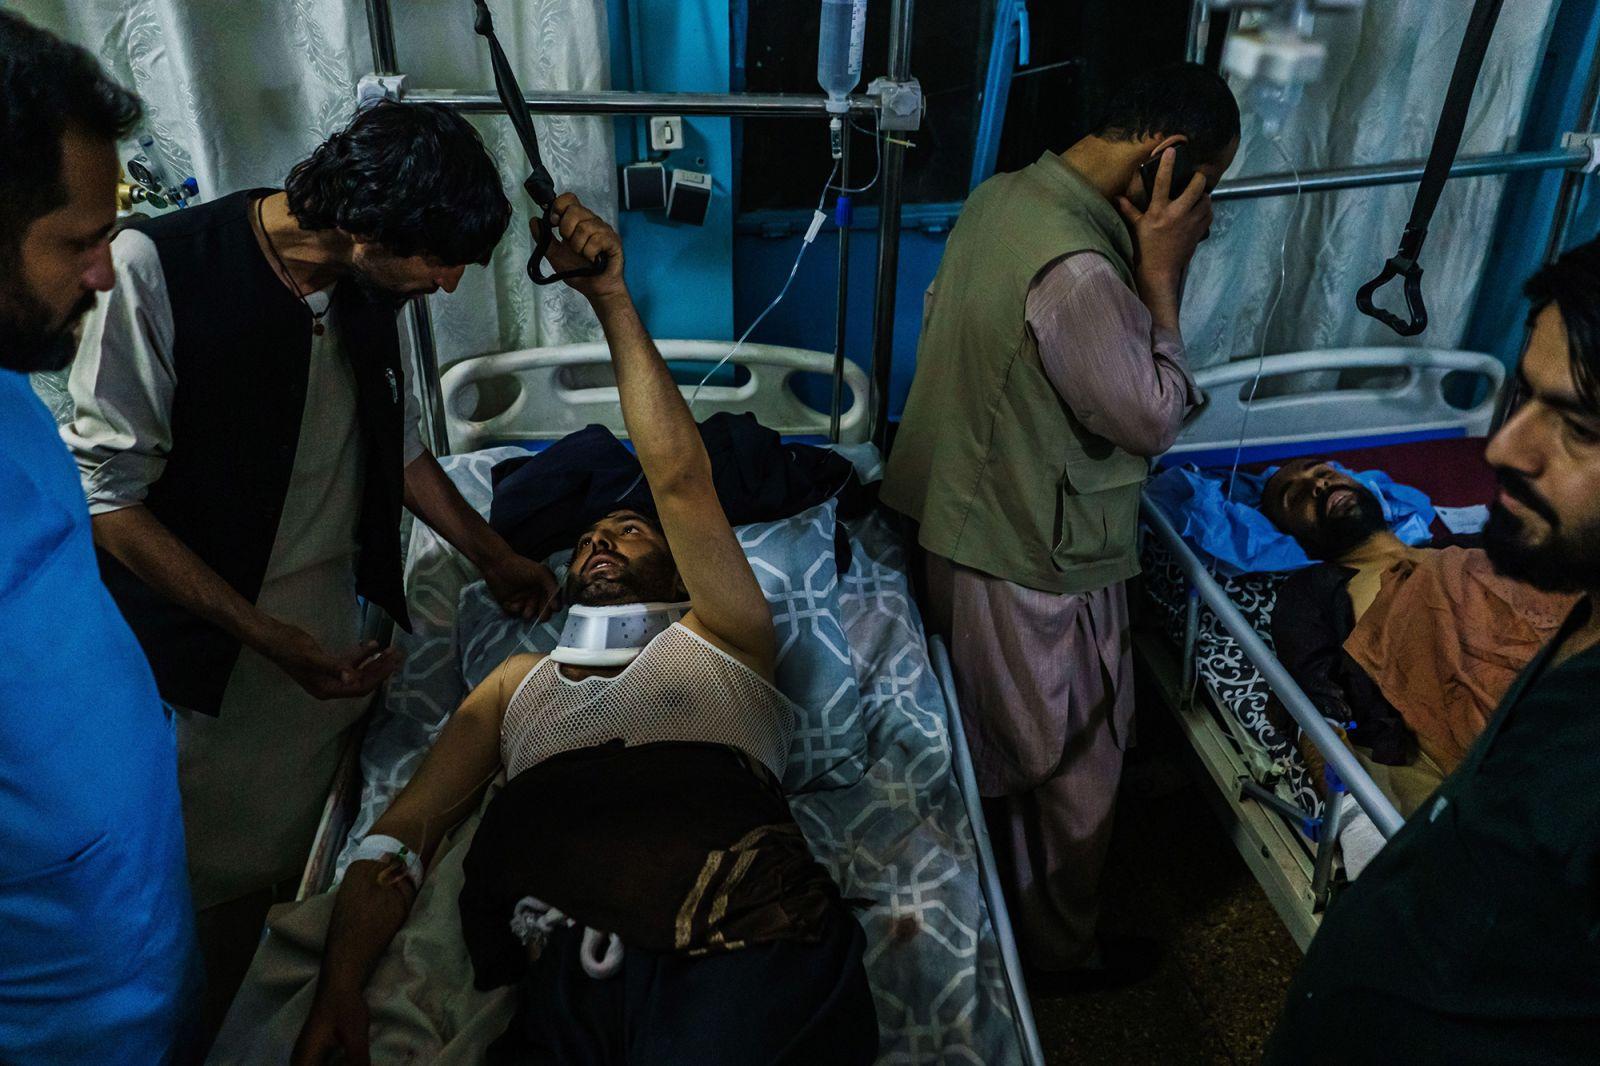 https___cdn.cnn.com_cnnnext_dam_assets_210826164653-17-afghanistan-explosion-0826